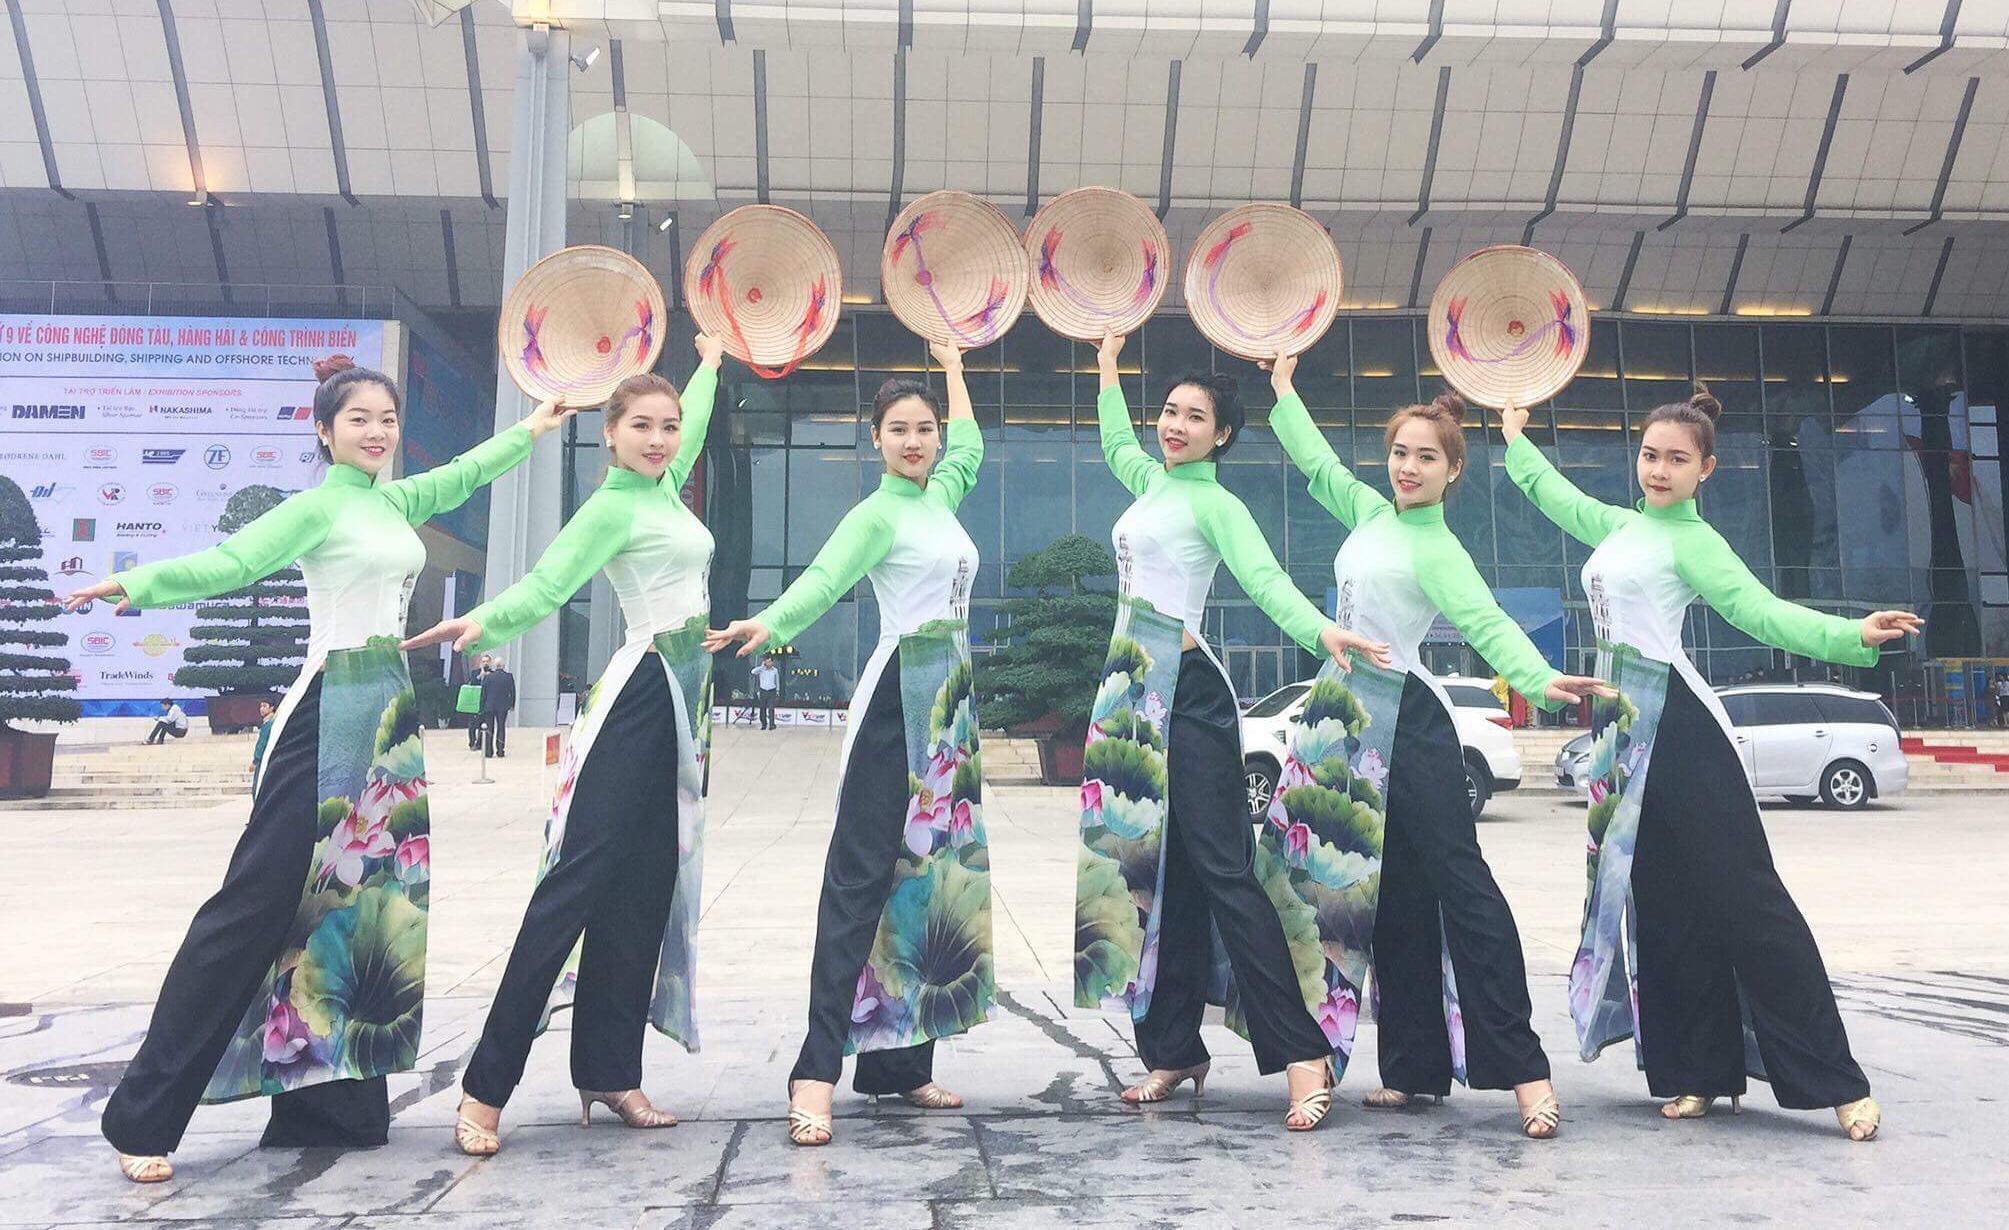 Cung cấp đội múa nón áo dài truyền thống thướt tha cả dân tộc Việt Nam